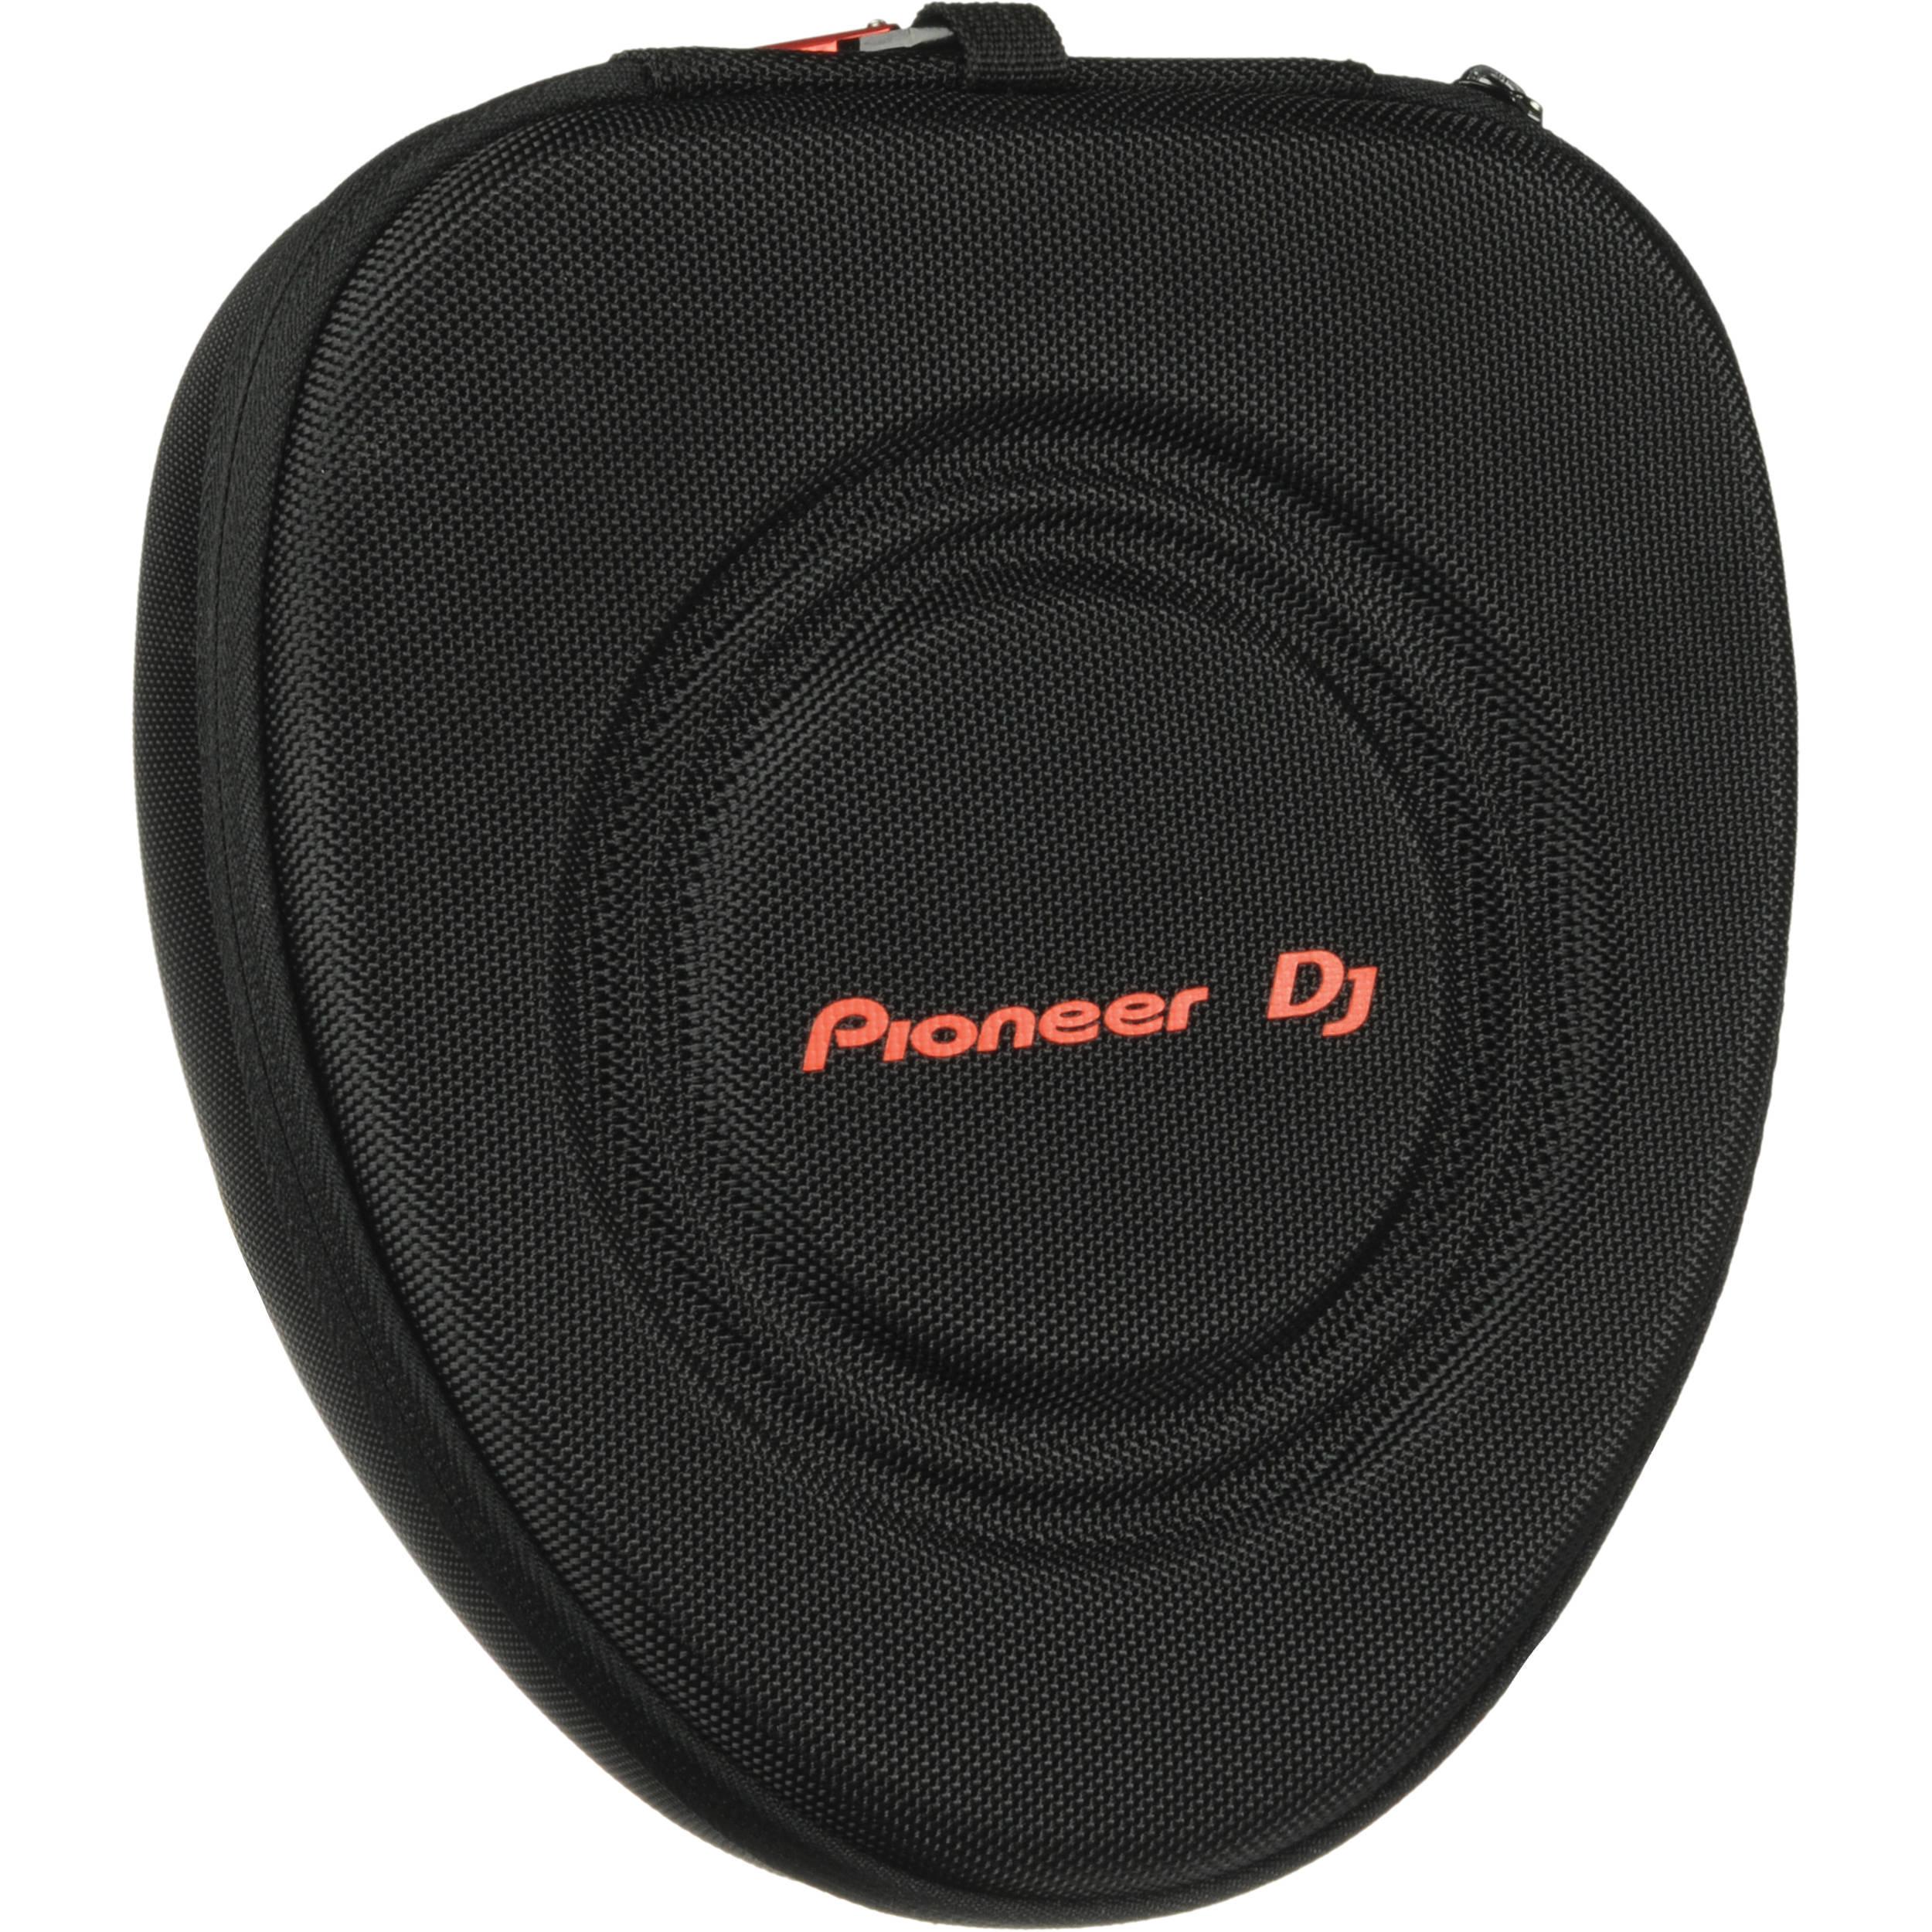 Pioneer DJ Americas HDJ-2000/H